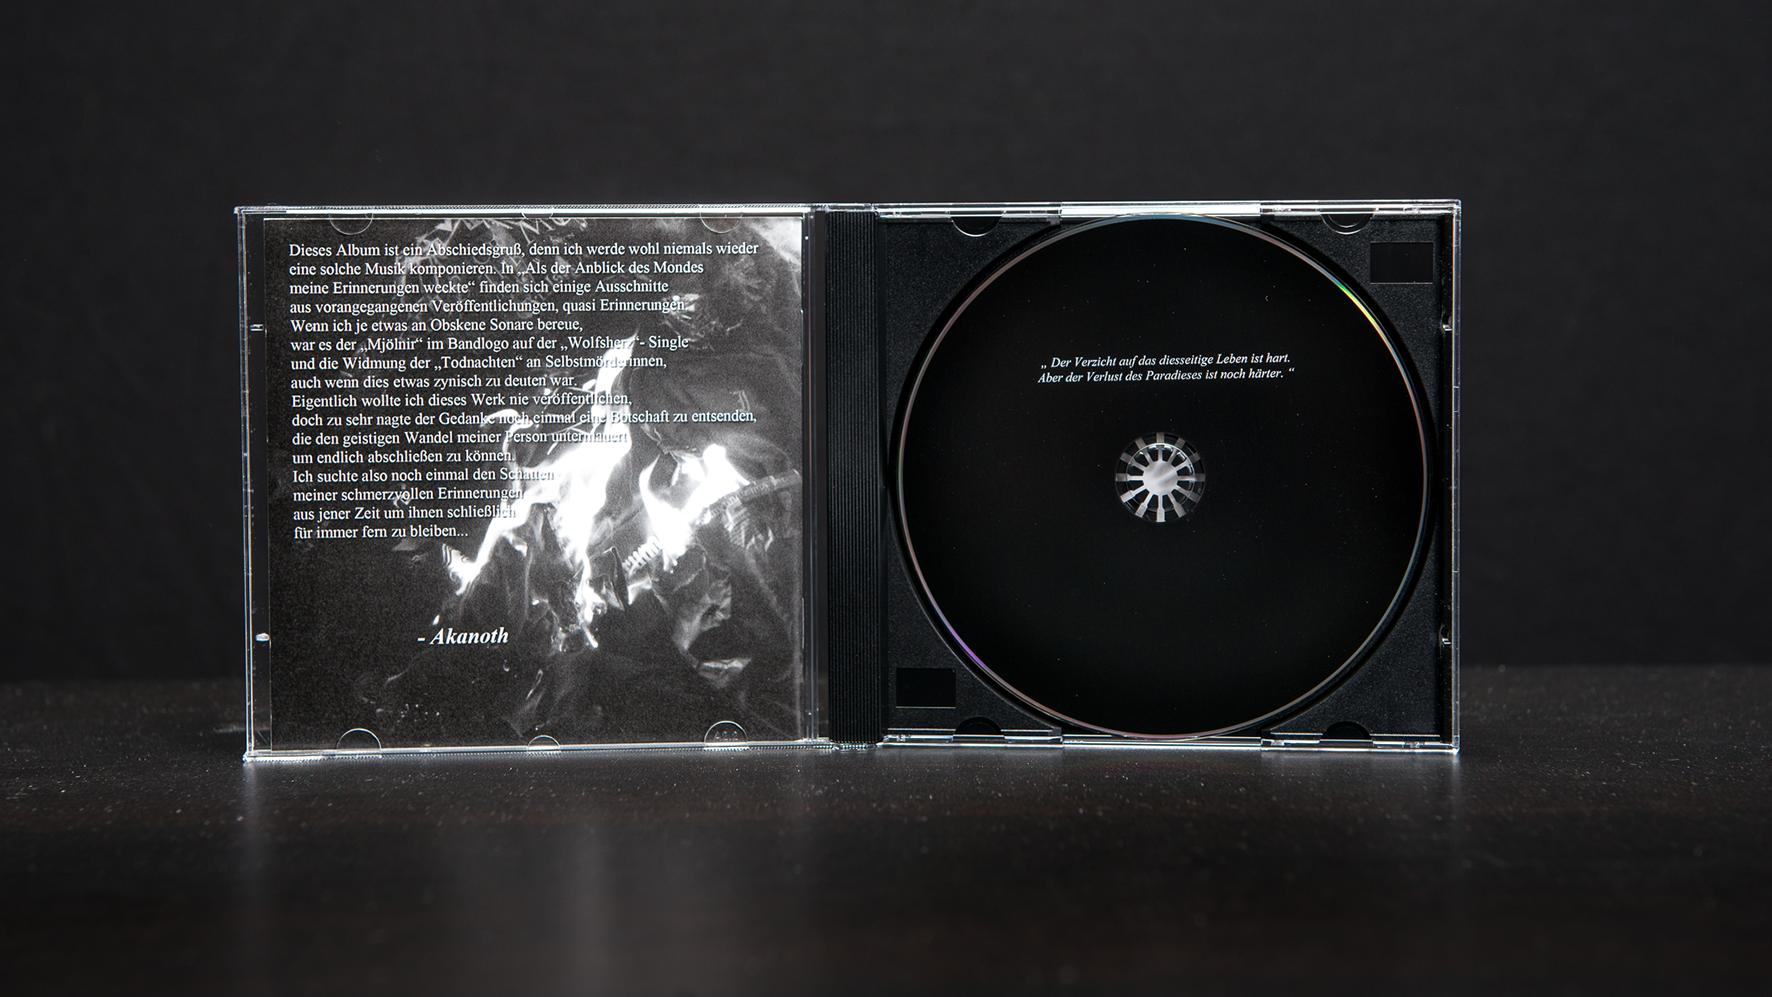 Obskene Sonare - Der letzte weiße Hirsch CD Jewel-Case